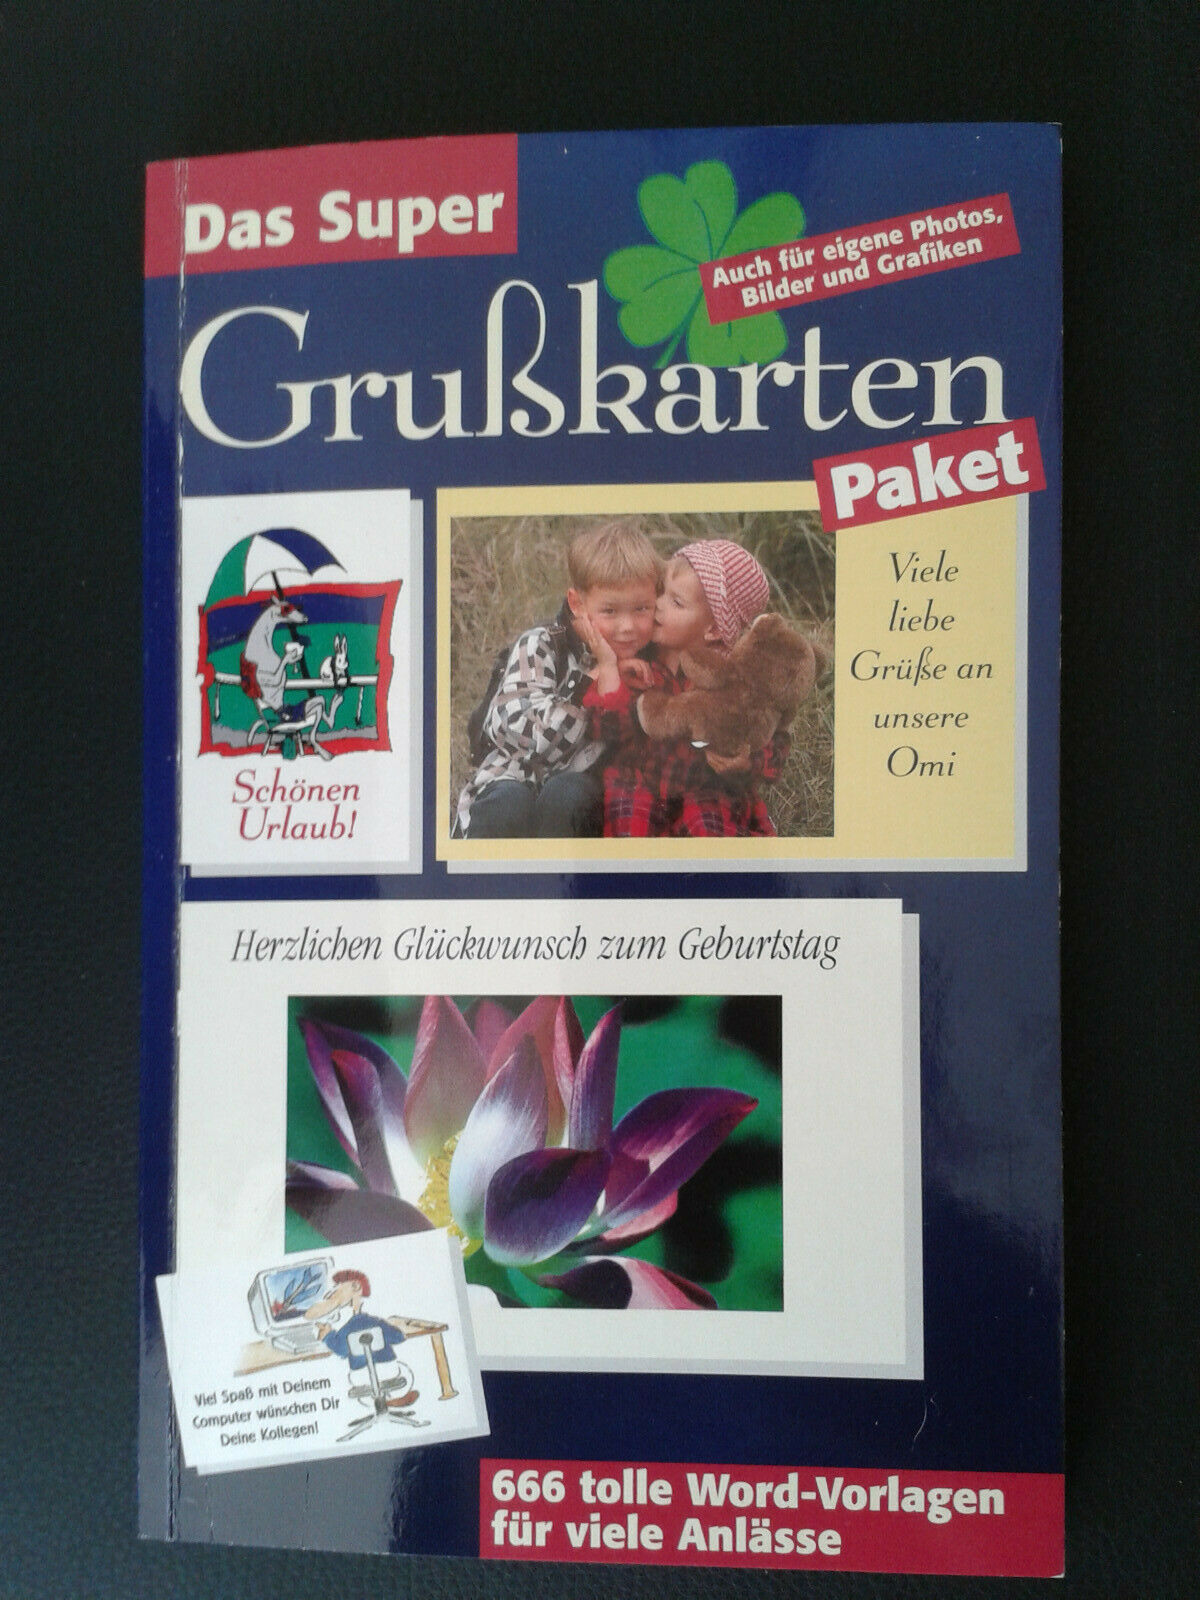 Word Vorlagen, Grußkarten mit CD